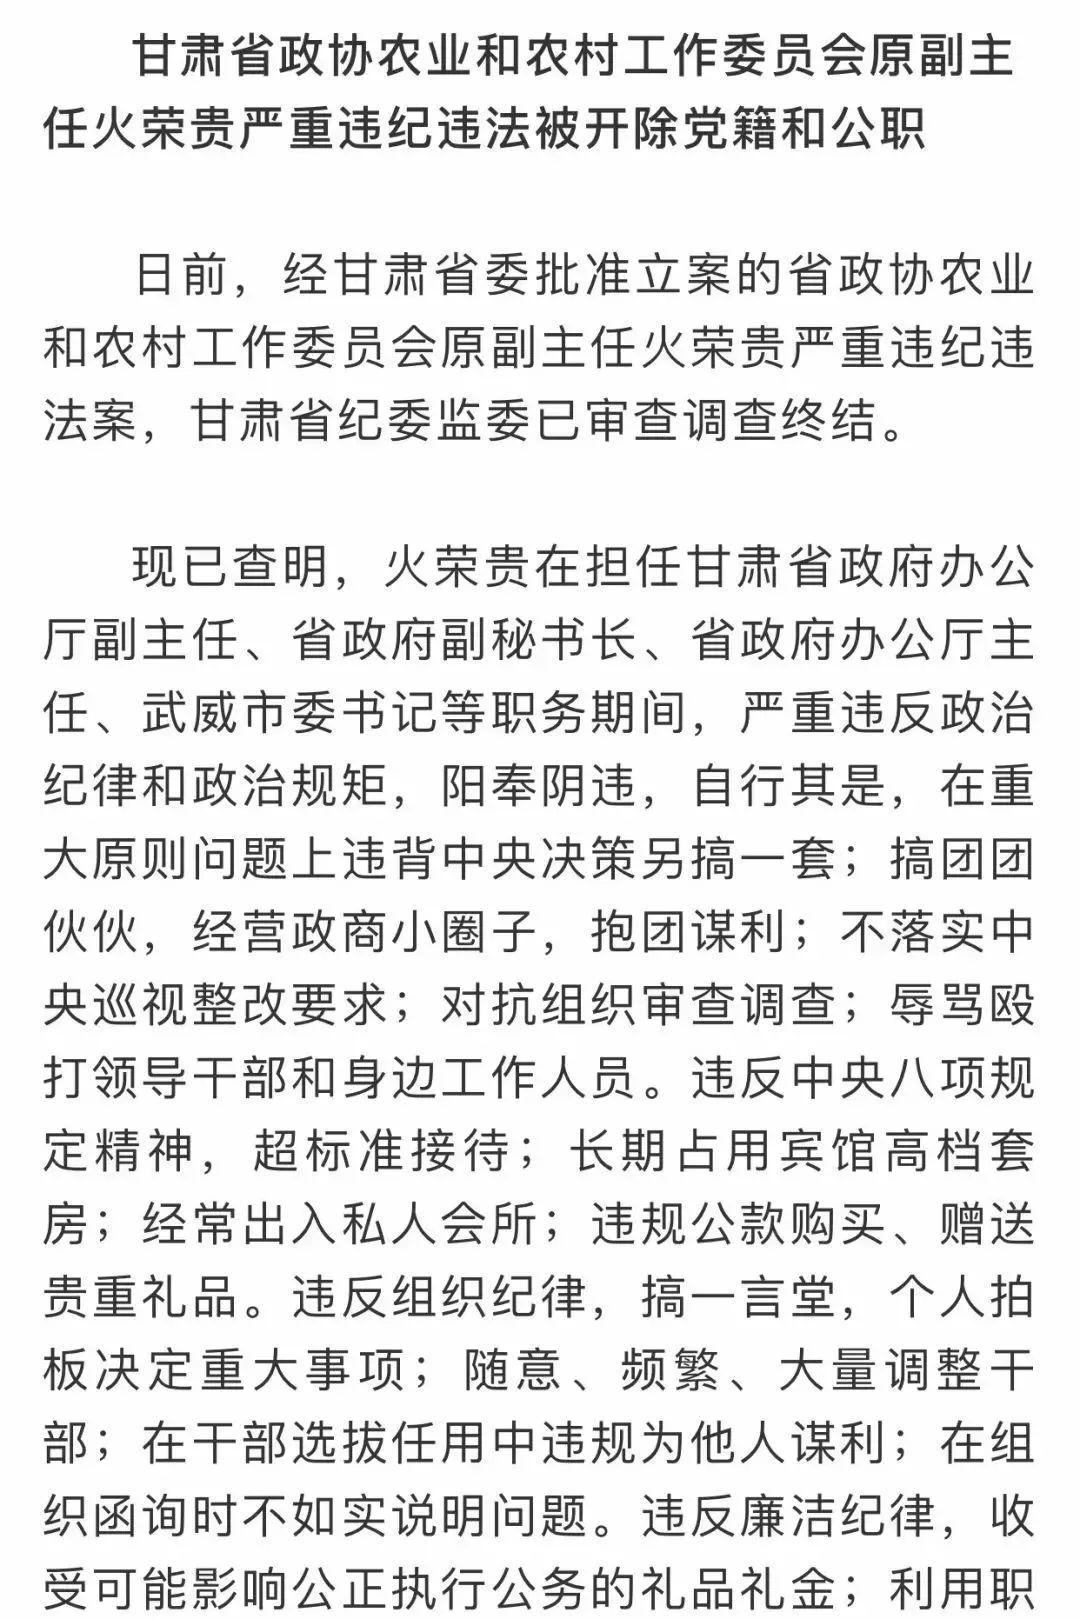 原武威市市委书记火荣贵涉嫌严重违纪违法_手机搜狐网